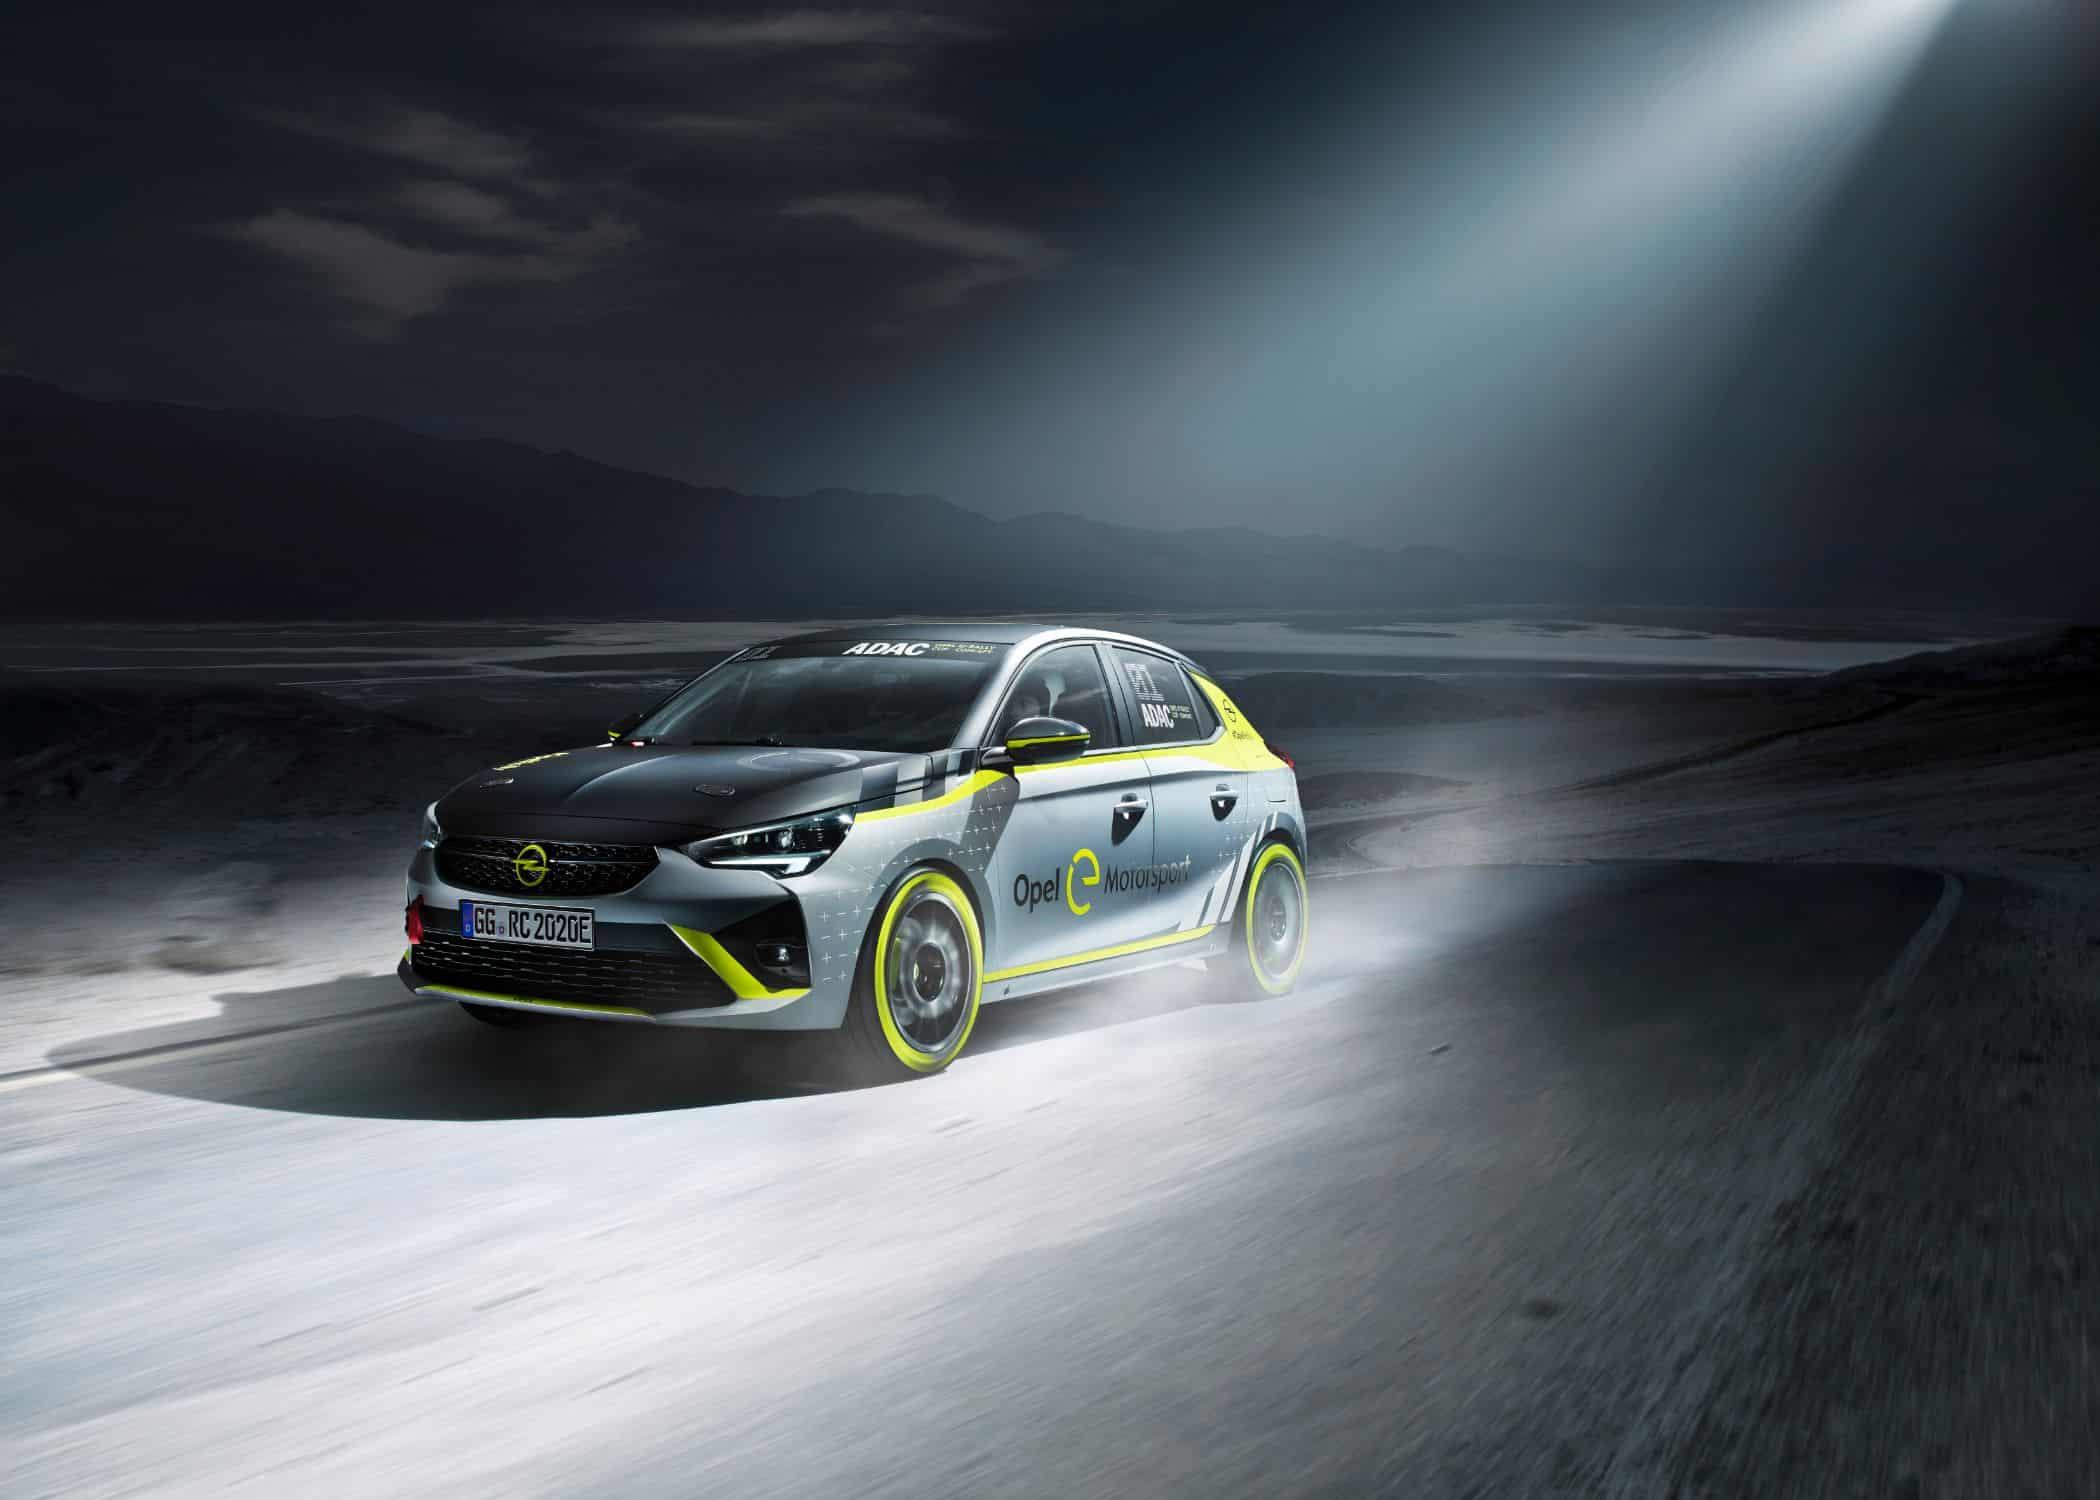 Neues batterie-elektrisches Rallyeauto auf Basis des Corsa-e